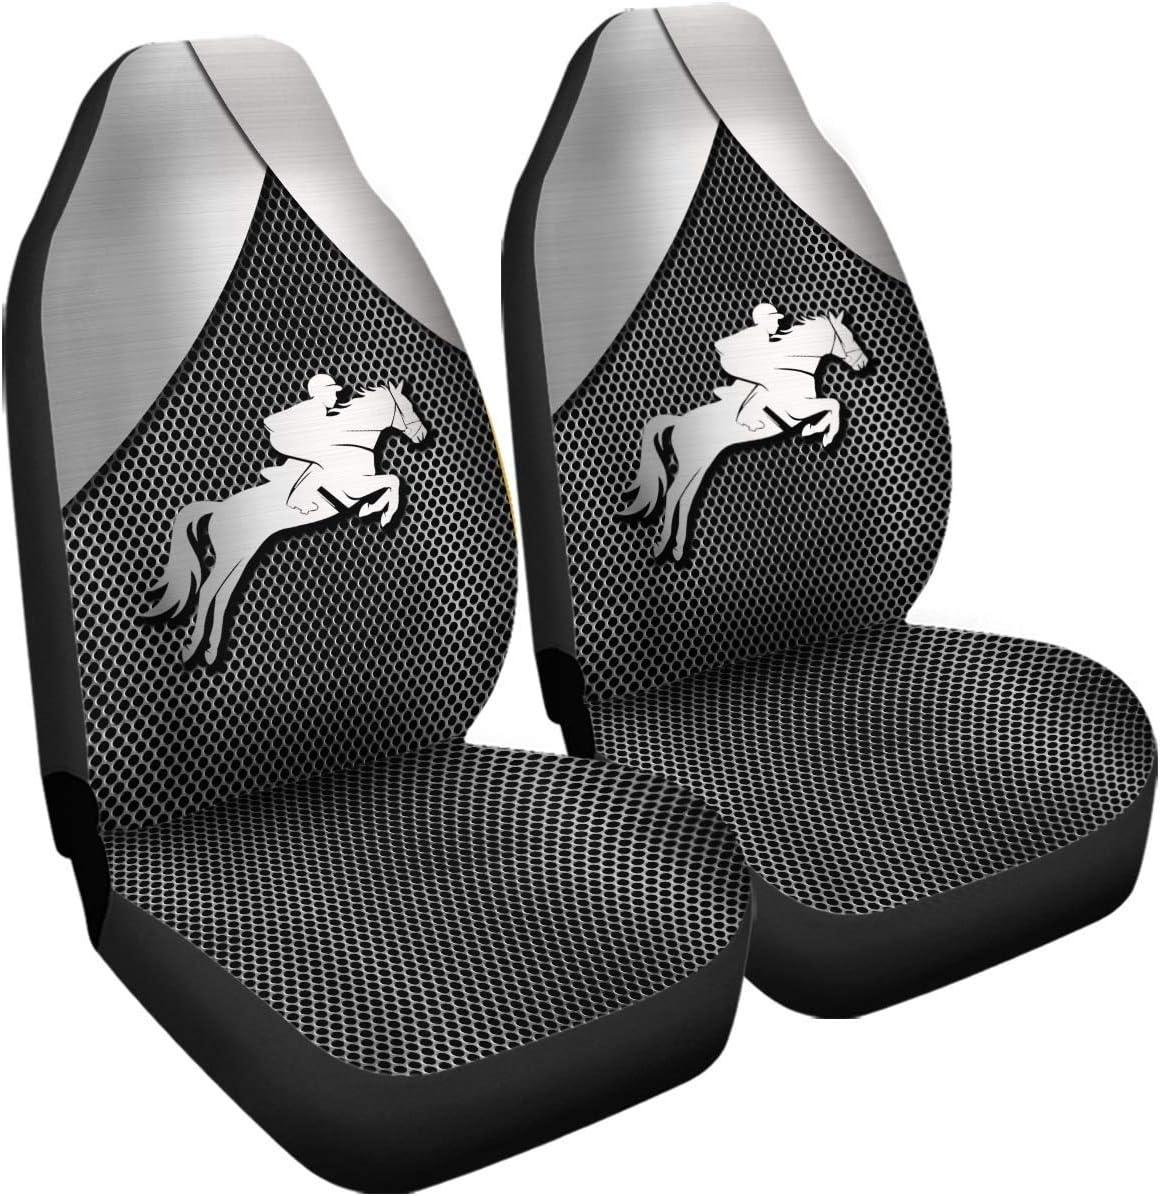 Drew Tours Horse Rider Montar a Caballo Fundas de Asiento compatibles con airbag de Metal Plateado 3D Accesorios de automóvil Tamaño Universal Ajuste para la mayoría de los automóviles SUV Camión